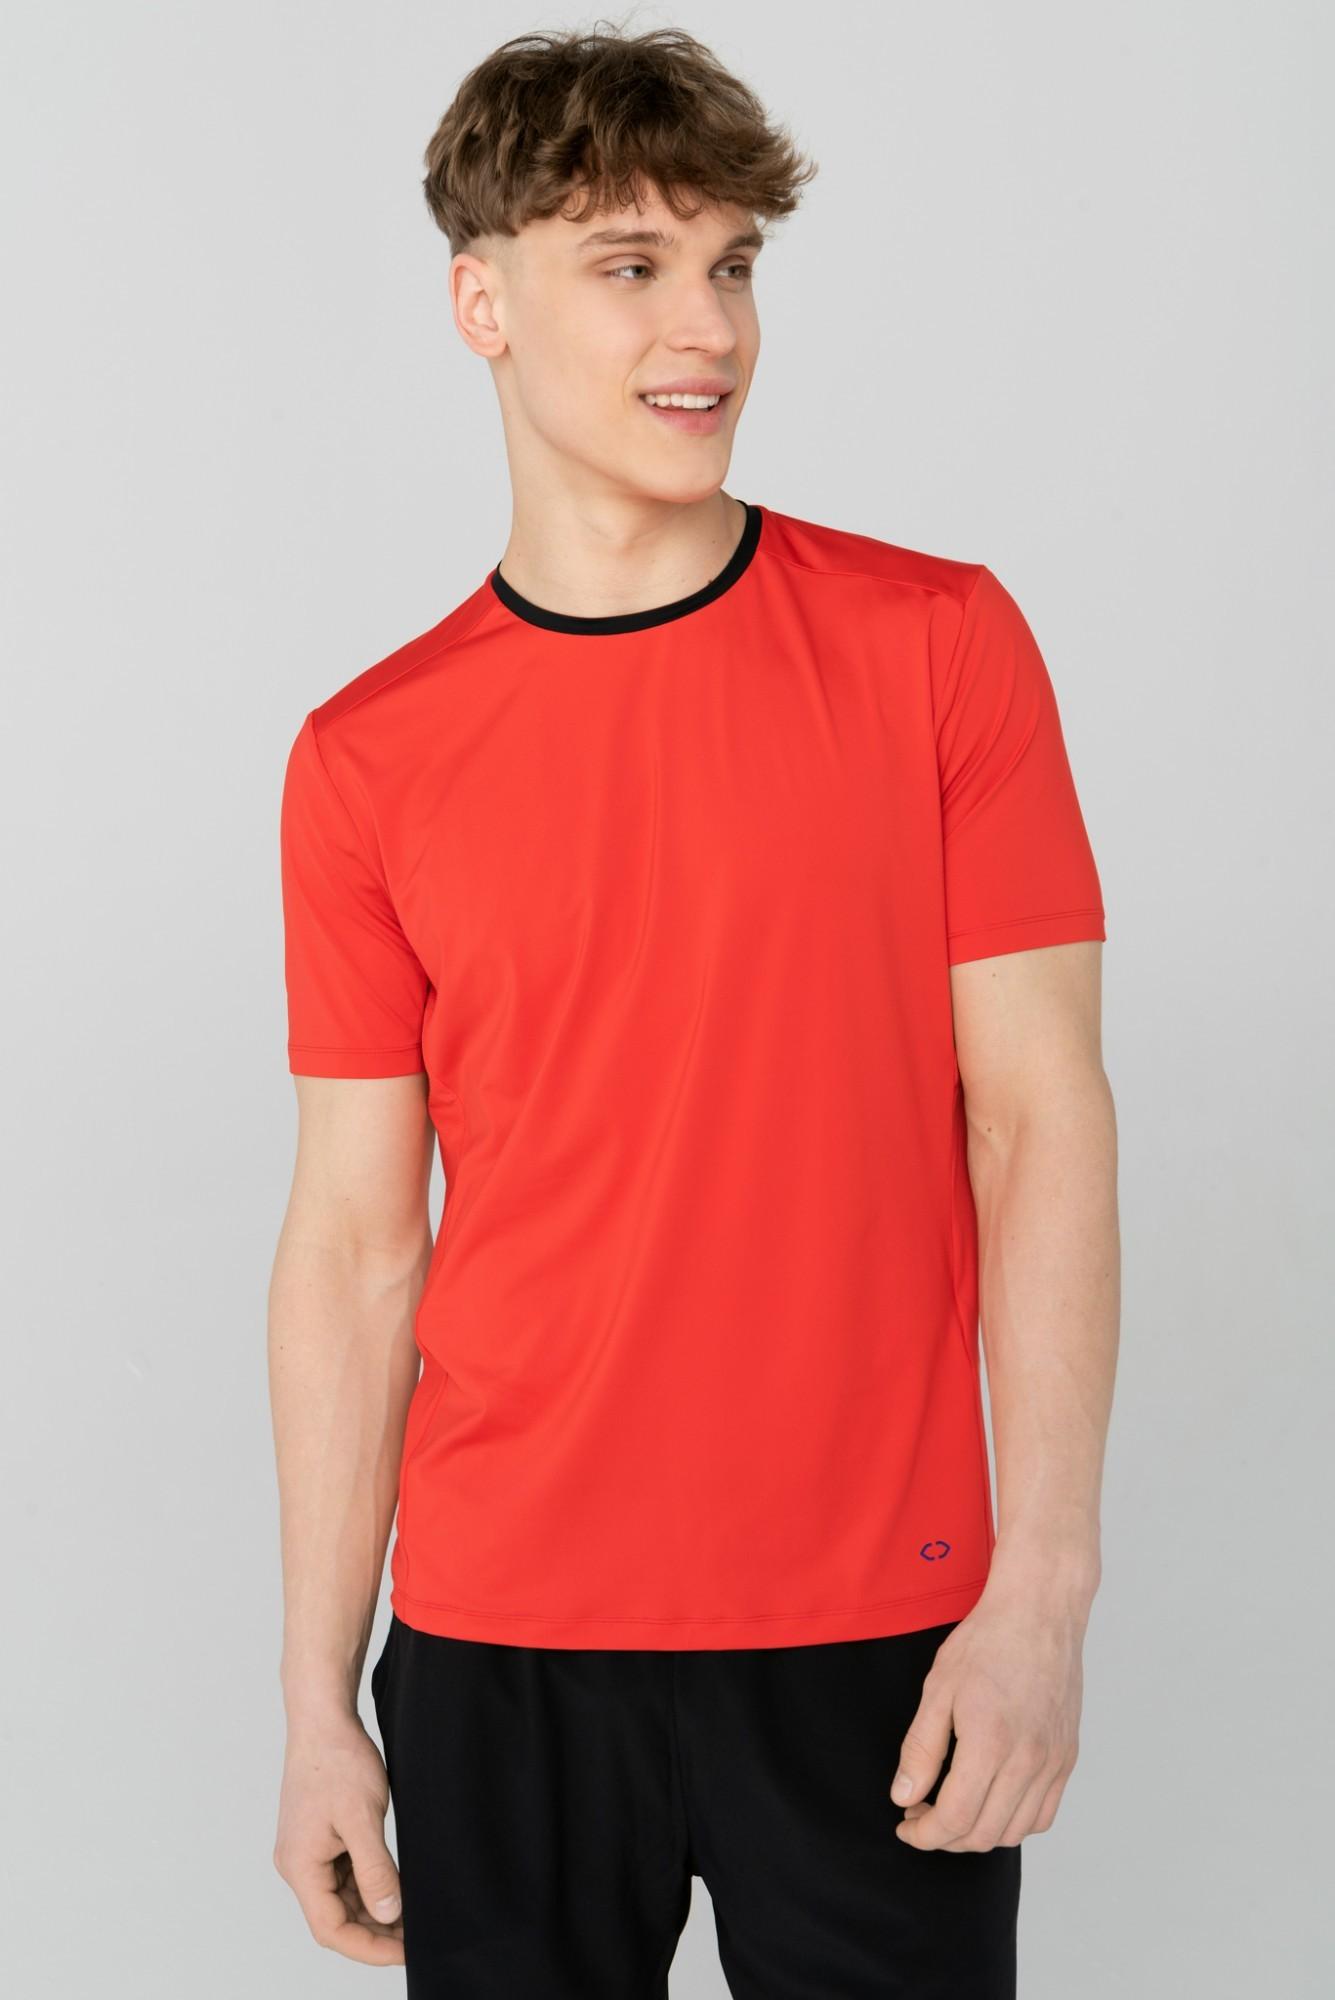 AUDIMAS Funkcionalūs marškinėliai 2111-678 Flame Scarlet S